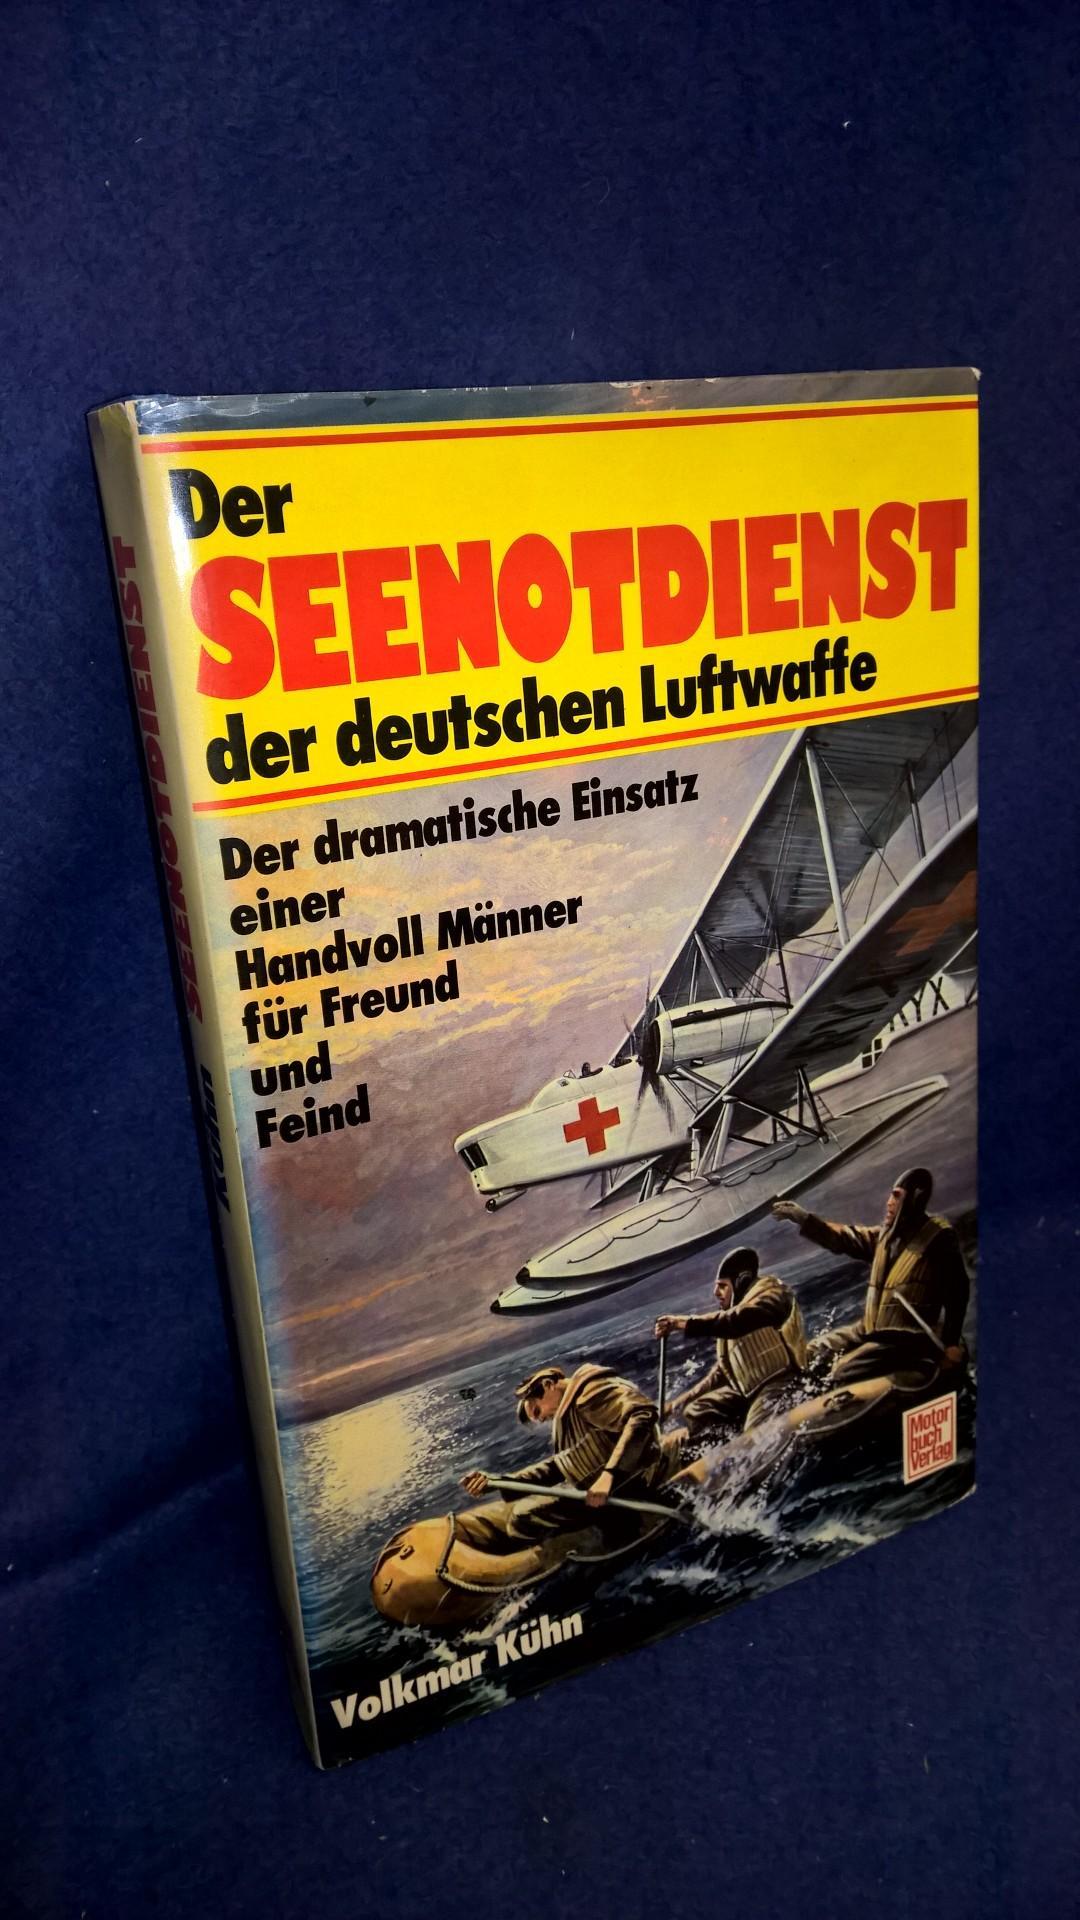 Der Seenotdienst der deutschen Luftwaffe. Der dramatatische Einsatz einer Handvoll Männer für Freund und Feind.